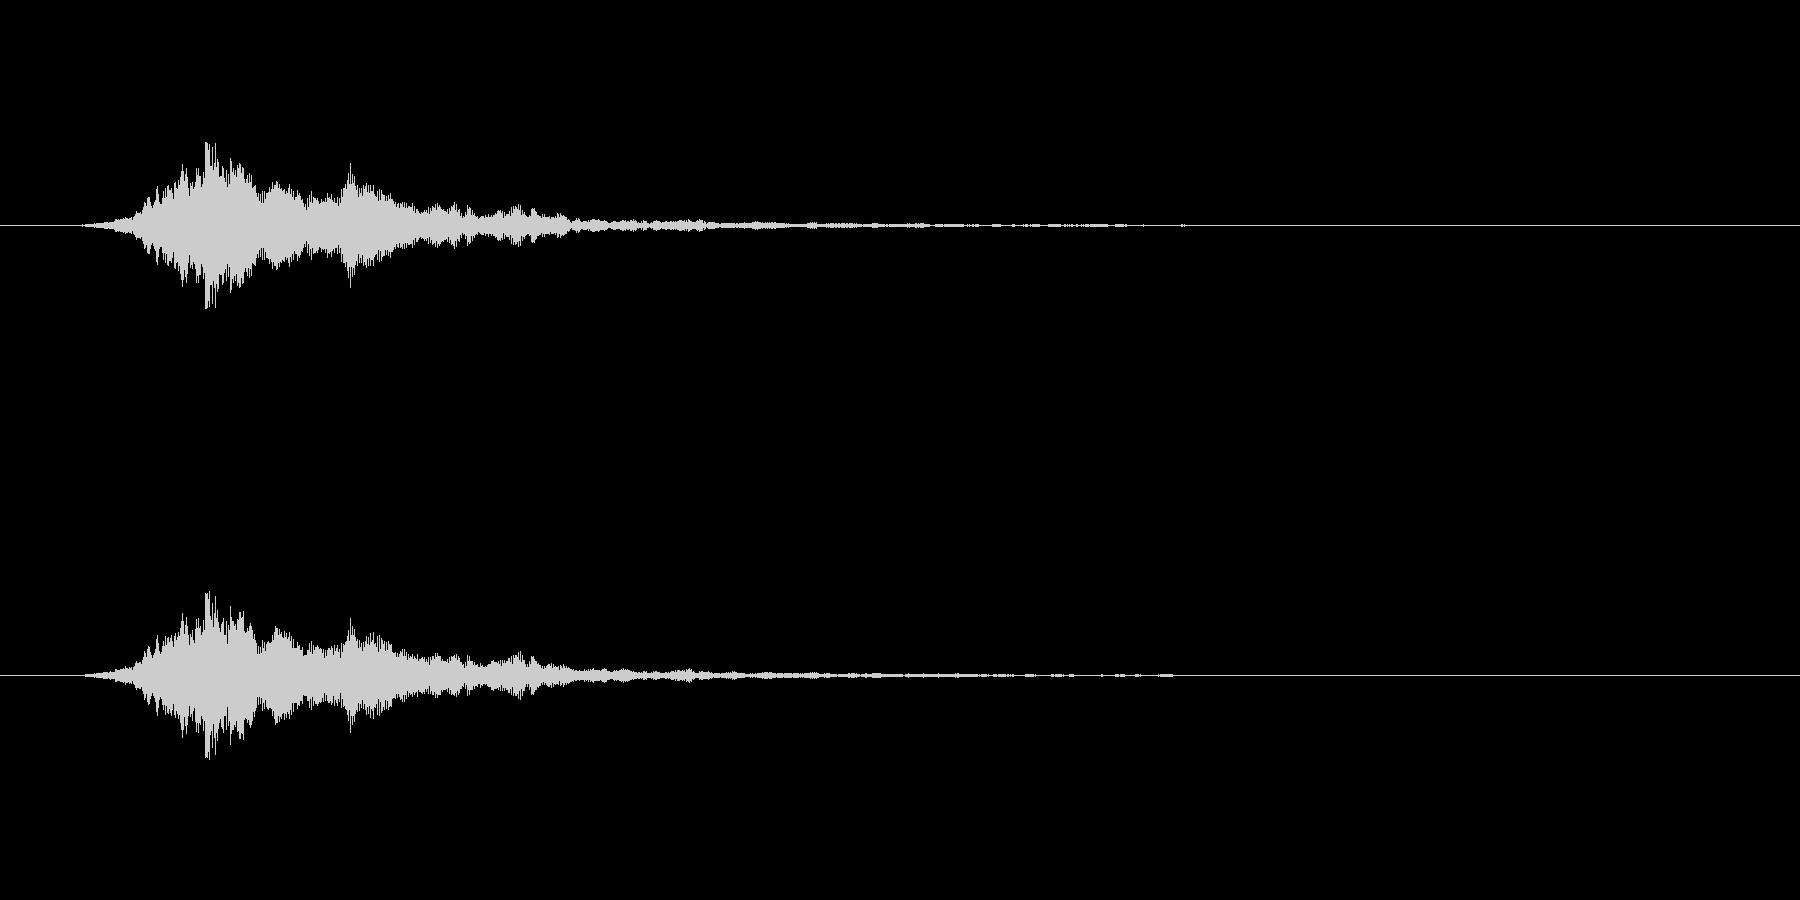 【アクセント12-3】の未再生の波形